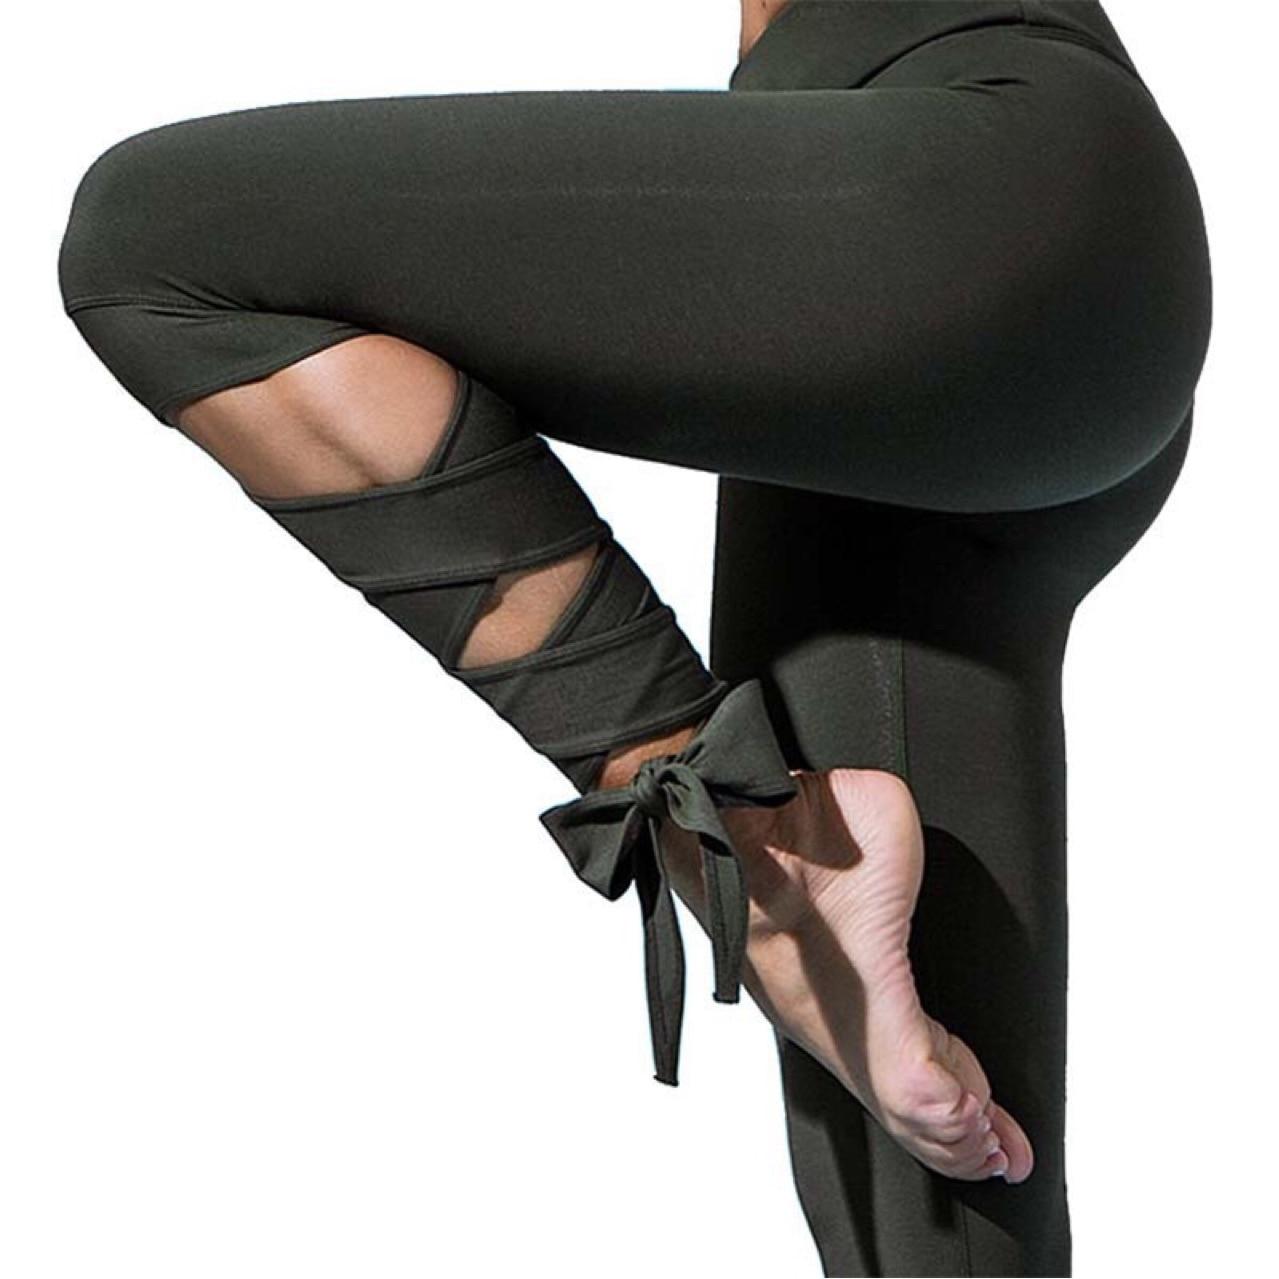 604f07cfb Abrigo Pantalón Yoga Para Mujer Medias Polainas Ejecutan Pantalones  Deportivos Mujeres Gimnasio Correr de Malla Pantalones de Entrenamiento Pantalones  de la ...